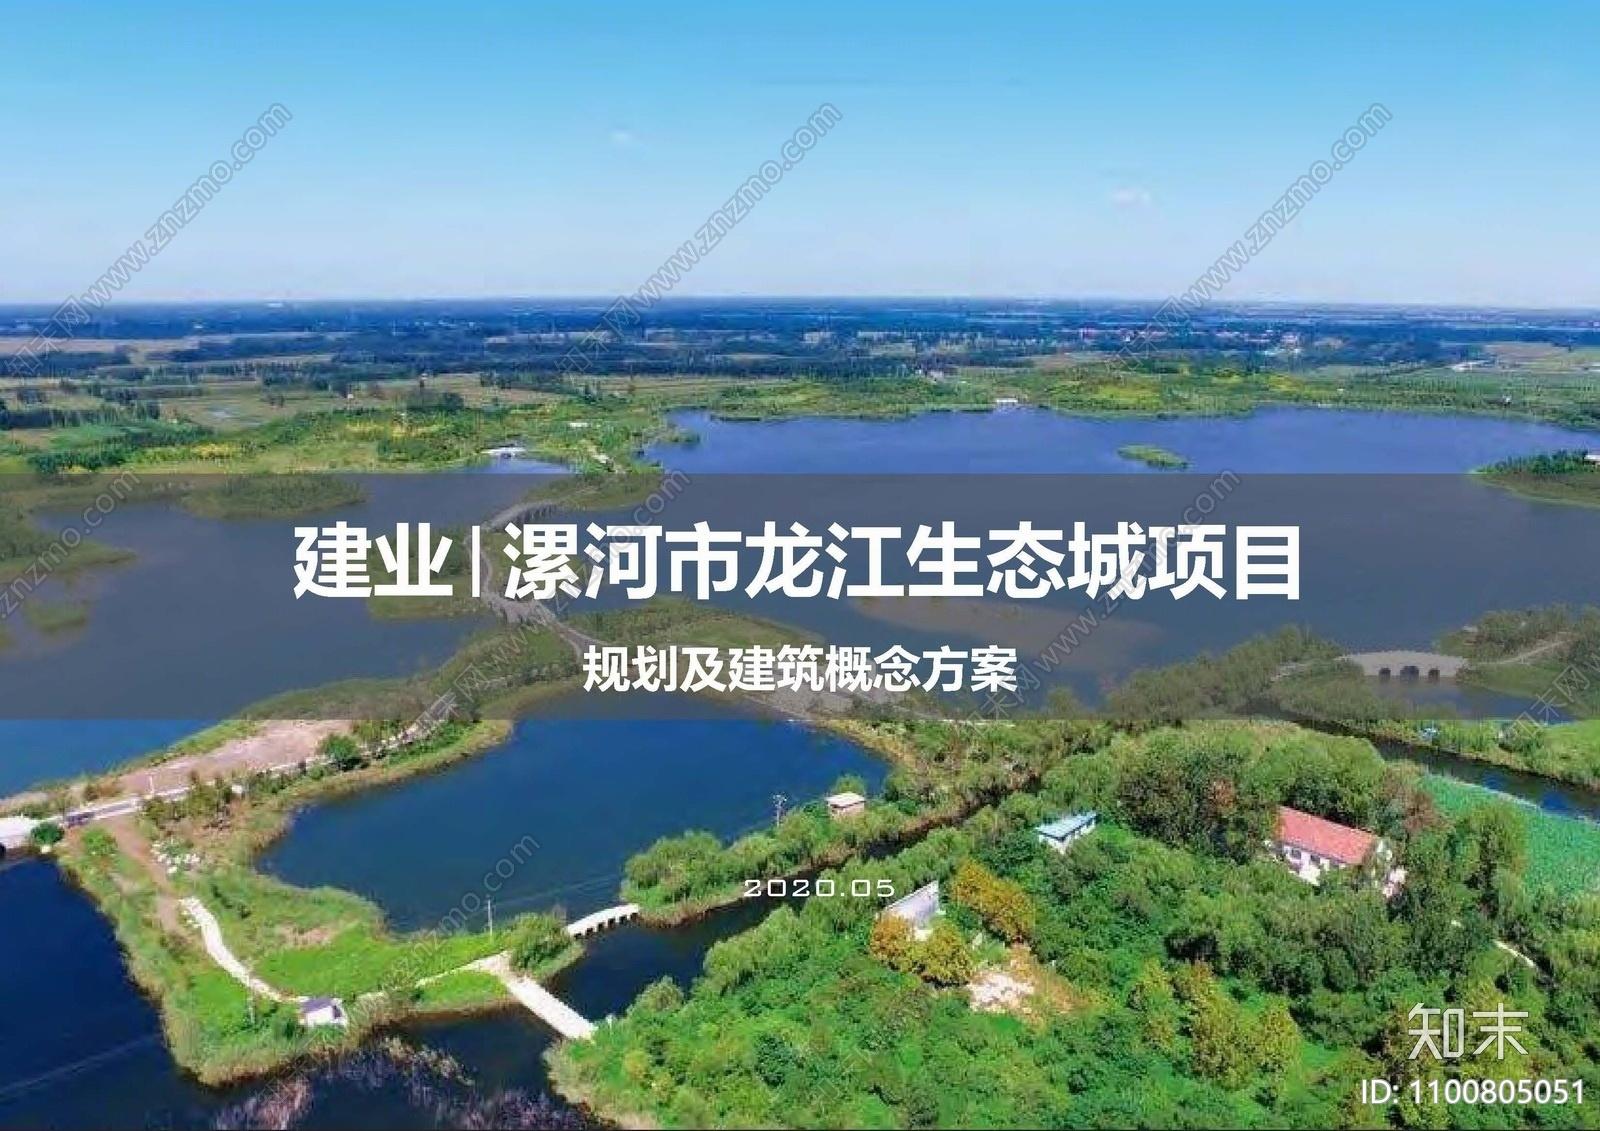 建业漯河市龙江生态城住宅项目投标方案文本下载【ID:1100805051】